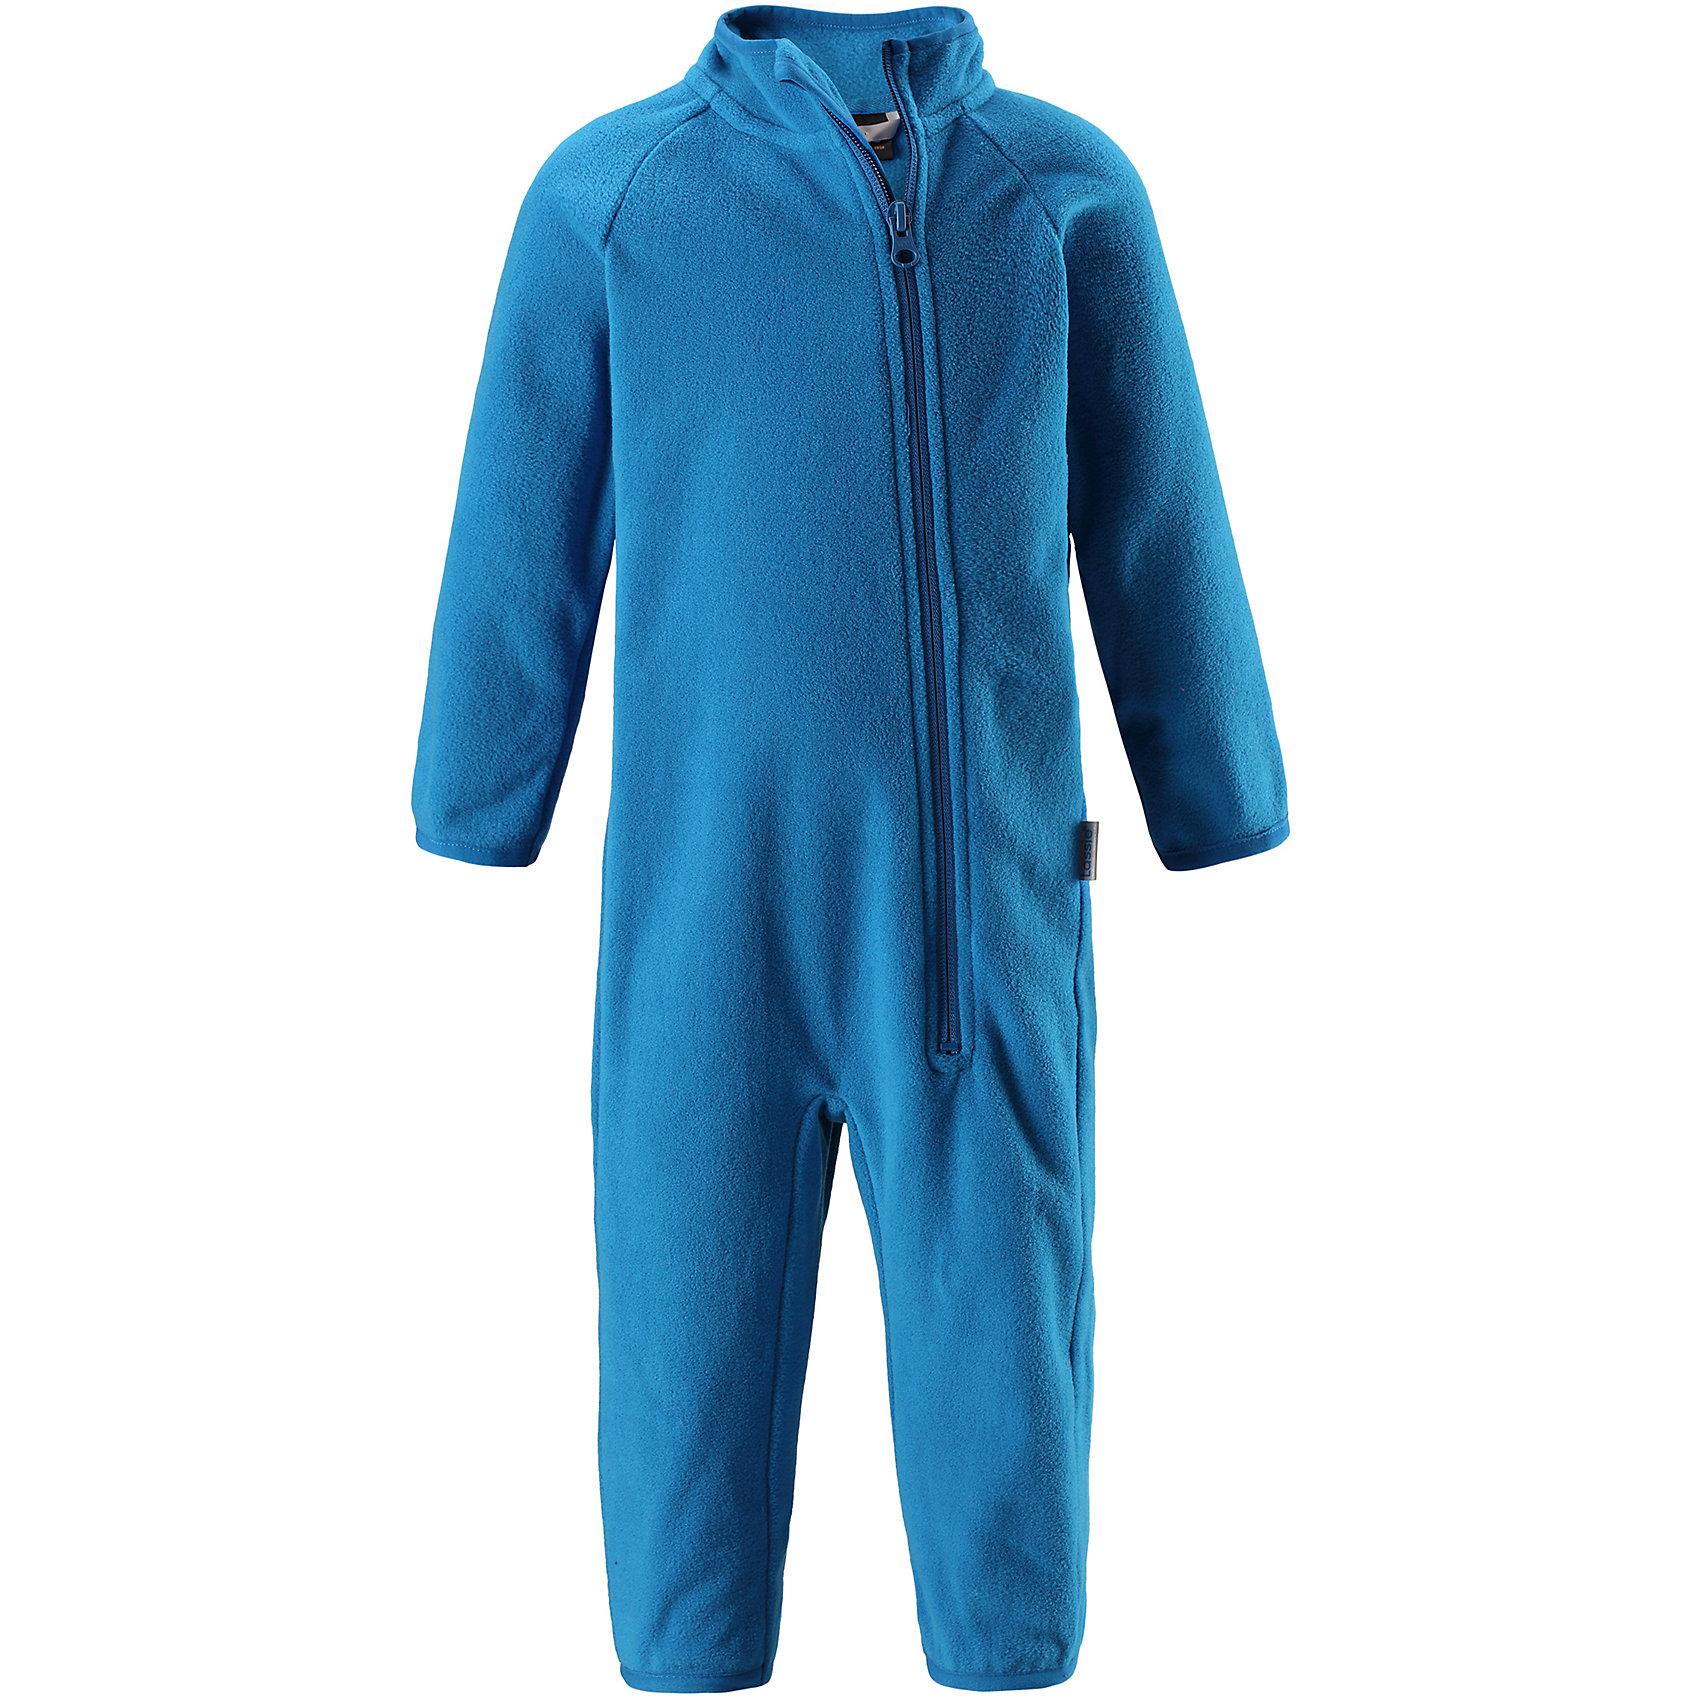 Флисовый комбинезон LassieОдежда<br>Характеристики товара:<br><br>• цвет: голубой;<br>• состав: 100% полиэстер; <br>• сезон: зима;<br>• температурный режим: от 0 до -20С;<br>• выводит влагу в верхние слои одежды;<br>• дышащий, теплый и быстросохнущий флис;<br>• эластичный воротник, манжеты на рукавах и брючинах;<br>• длинная молния с защитой подбородка;<br>• страна бренда: Финляндия;<br>• страна изготовитель: Китай;<br><br>Флисовый комбинезон на молнии. Теплый комбинезон с эластичными манжетами на рукавах и брючинах.<br><br>Флисовый комбинезон Lassie (Ласси) можно купить в нашем интернет-магазине.<br><br>Ширина мм: 190<br>Глубина мм: 74<br>Высота мм: 229<br>Вес г: 236<br>Цвет: синий<br>Возраст от месяцев: 6<br>Возраст до месяцев: 9<br>Пол: Унисекс<br>Возраст: Детский<br>Размер: 74,86,92,98,68,80<br>SKU: 6905468